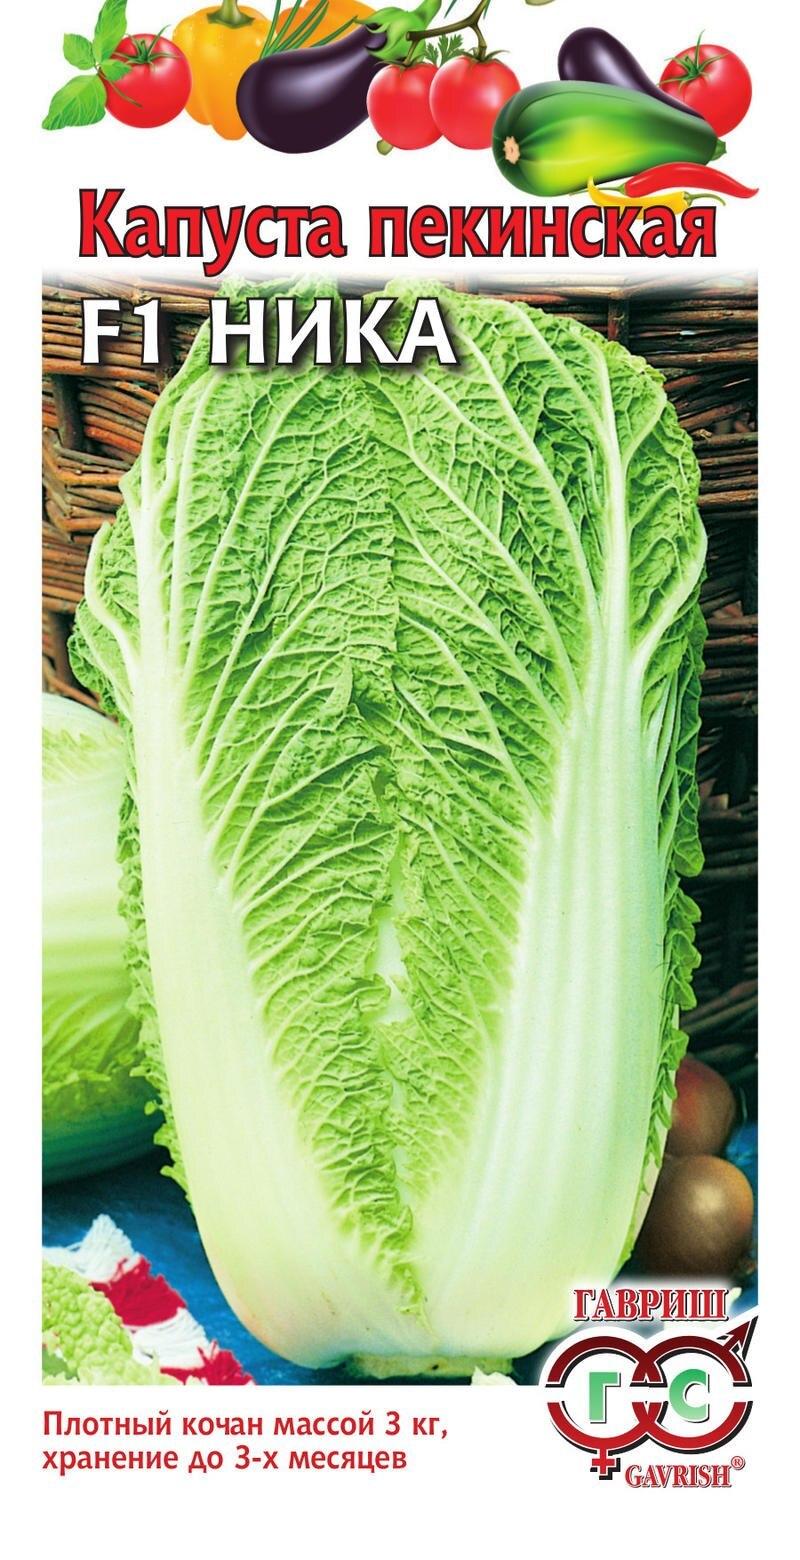 пошаговое выращивание рассады фото